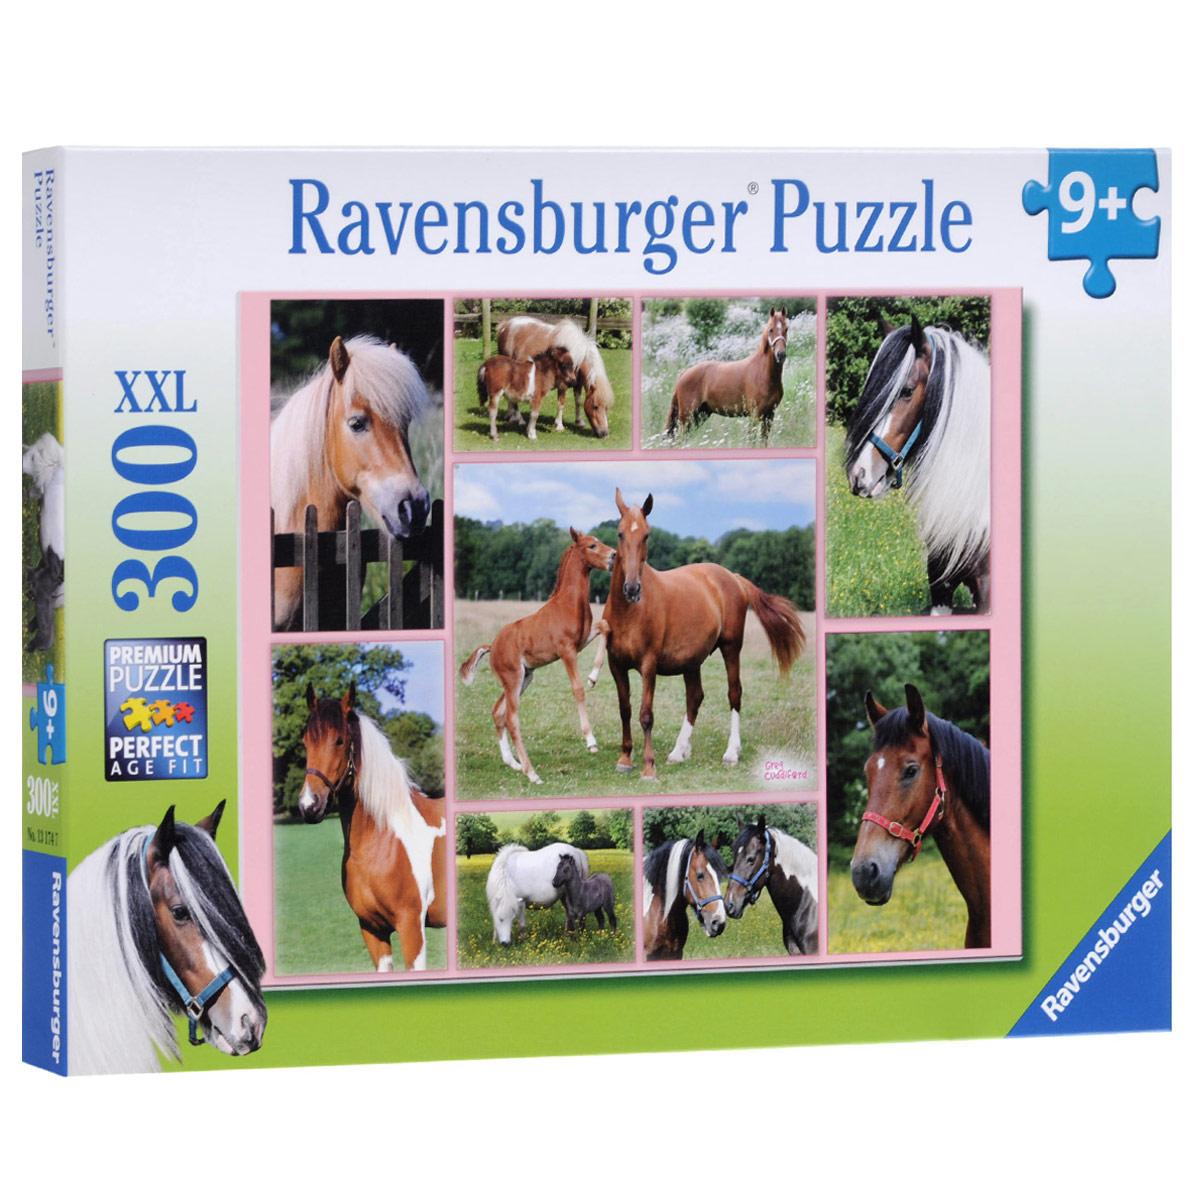 Ravensburger Галерея лошадей. Пазл XXL, 300 элементов13174Пазл Ravensburger Галерея лошадей, без сомнения, придется по душе вашему ребенку. Собрав этот пазл, включающий в себя 300 элементов, вы получите великолепную картину. Каждая деталь имеет свою форму и подходит только на своё место. Нет двух одинаковых деталей! Пазл изготовлен из картона высочайшего качества. Все изображения аккуратно отсканированы и напечатаны на ламинированной бумаге. Пазлы - замечательная развивающая игра для детей. Собирание пазла развивает у ребенка мелкую моторику рук, тренирует наблюдательность, логическое мышление, знакомит с окружающим миром, с цветом и разнообразными формами, учит усидчивости и терпению, аккуратности и вниманию.